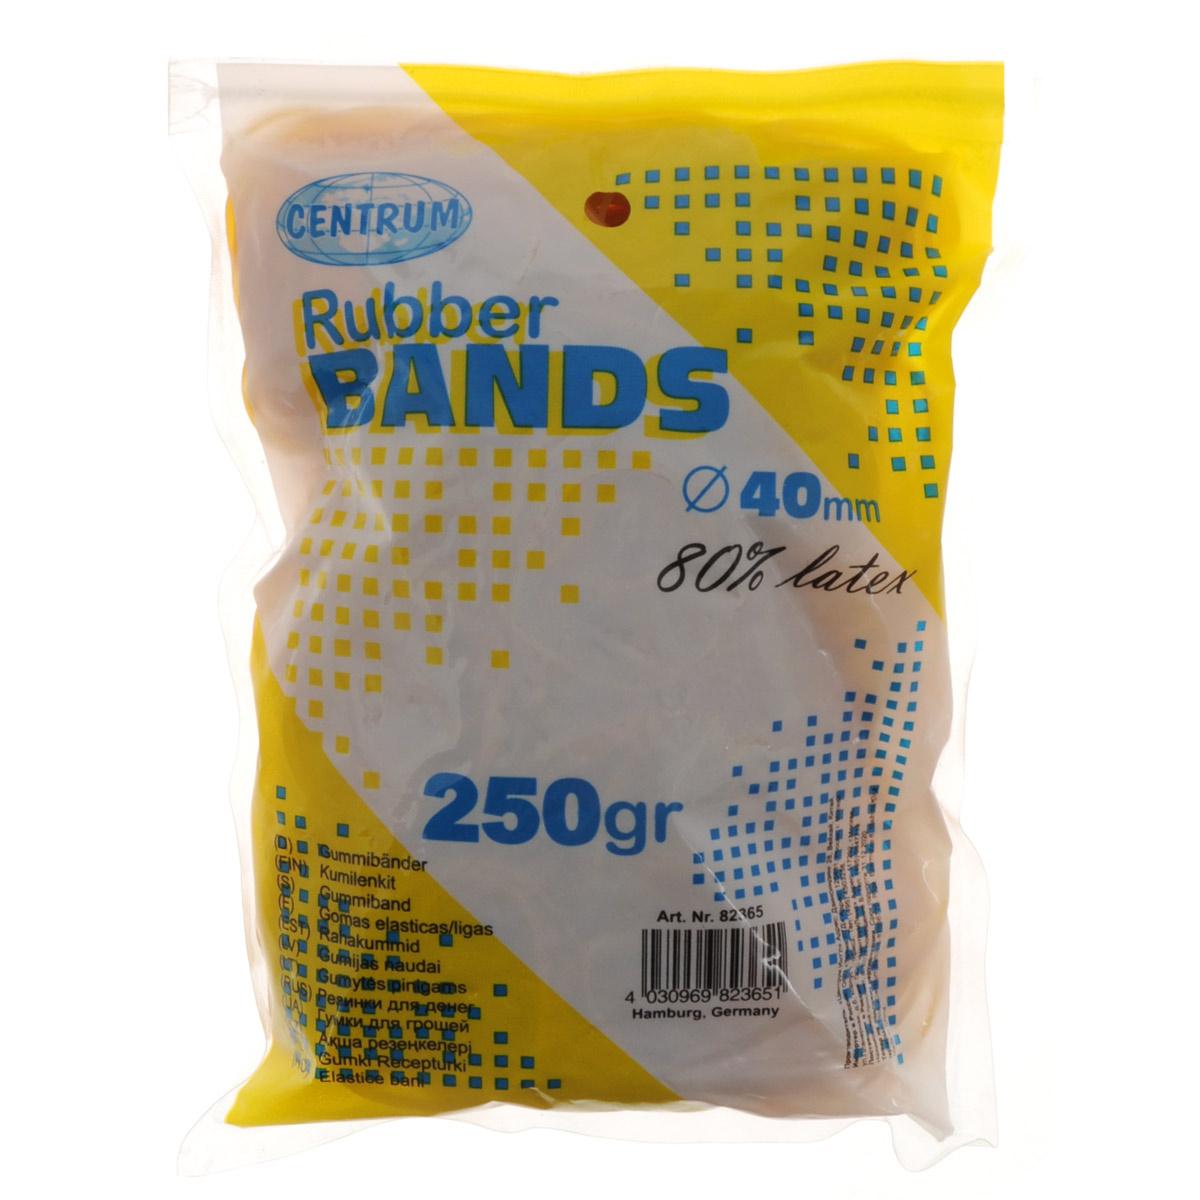 """Банковские резинки """"Centrum"""" предназначены для перетягивания денежных купюр, пакетов, пластиковых карт, бумаг и визиток. Они изготовлены из каучука желтого цвета с латексом, благодаря чему их не так легко порвать, даже если сильно растянуть."""